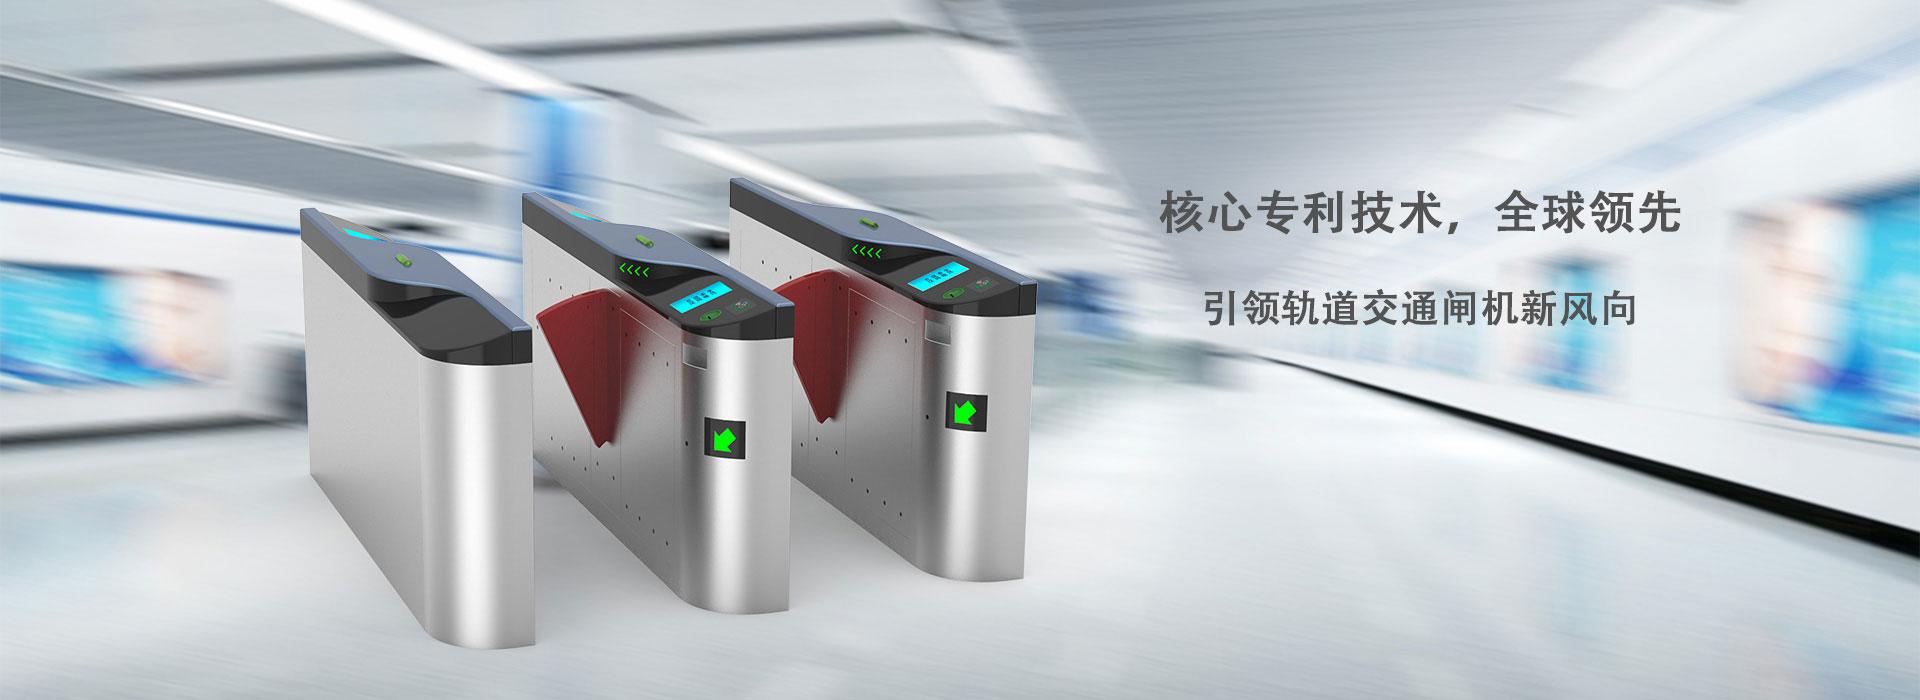 地鐵自動檢票機